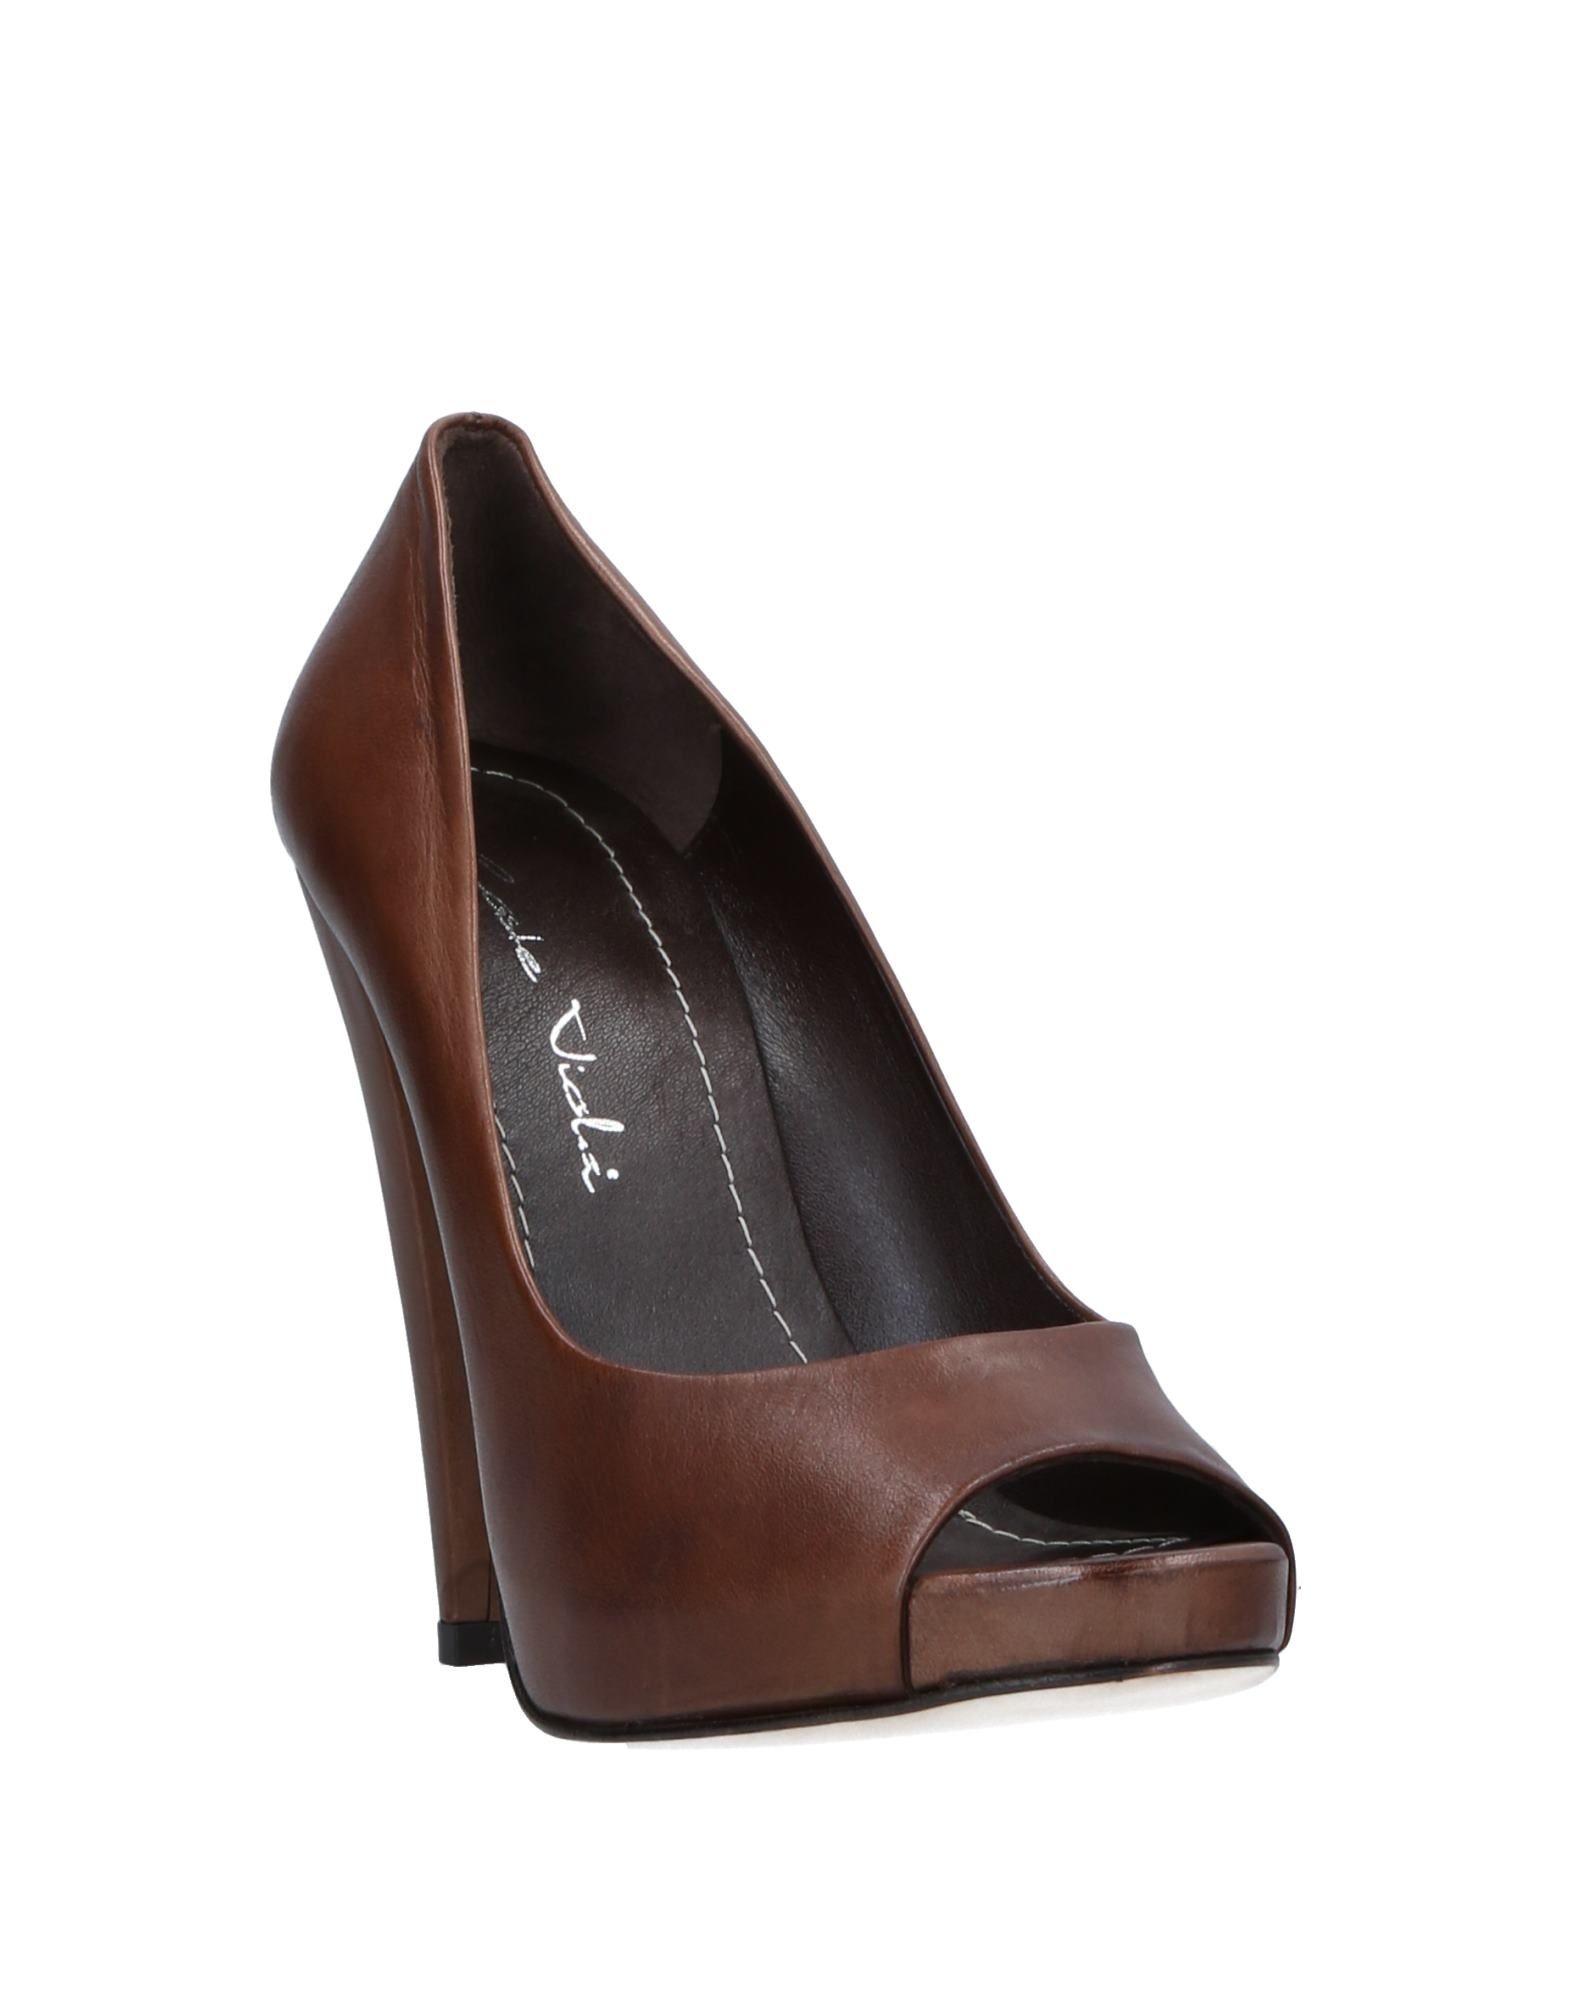 Coste Viola Gute Pumps Damen  11542901GV Gute Viola Qualität beliebte Schuhe 3bc201